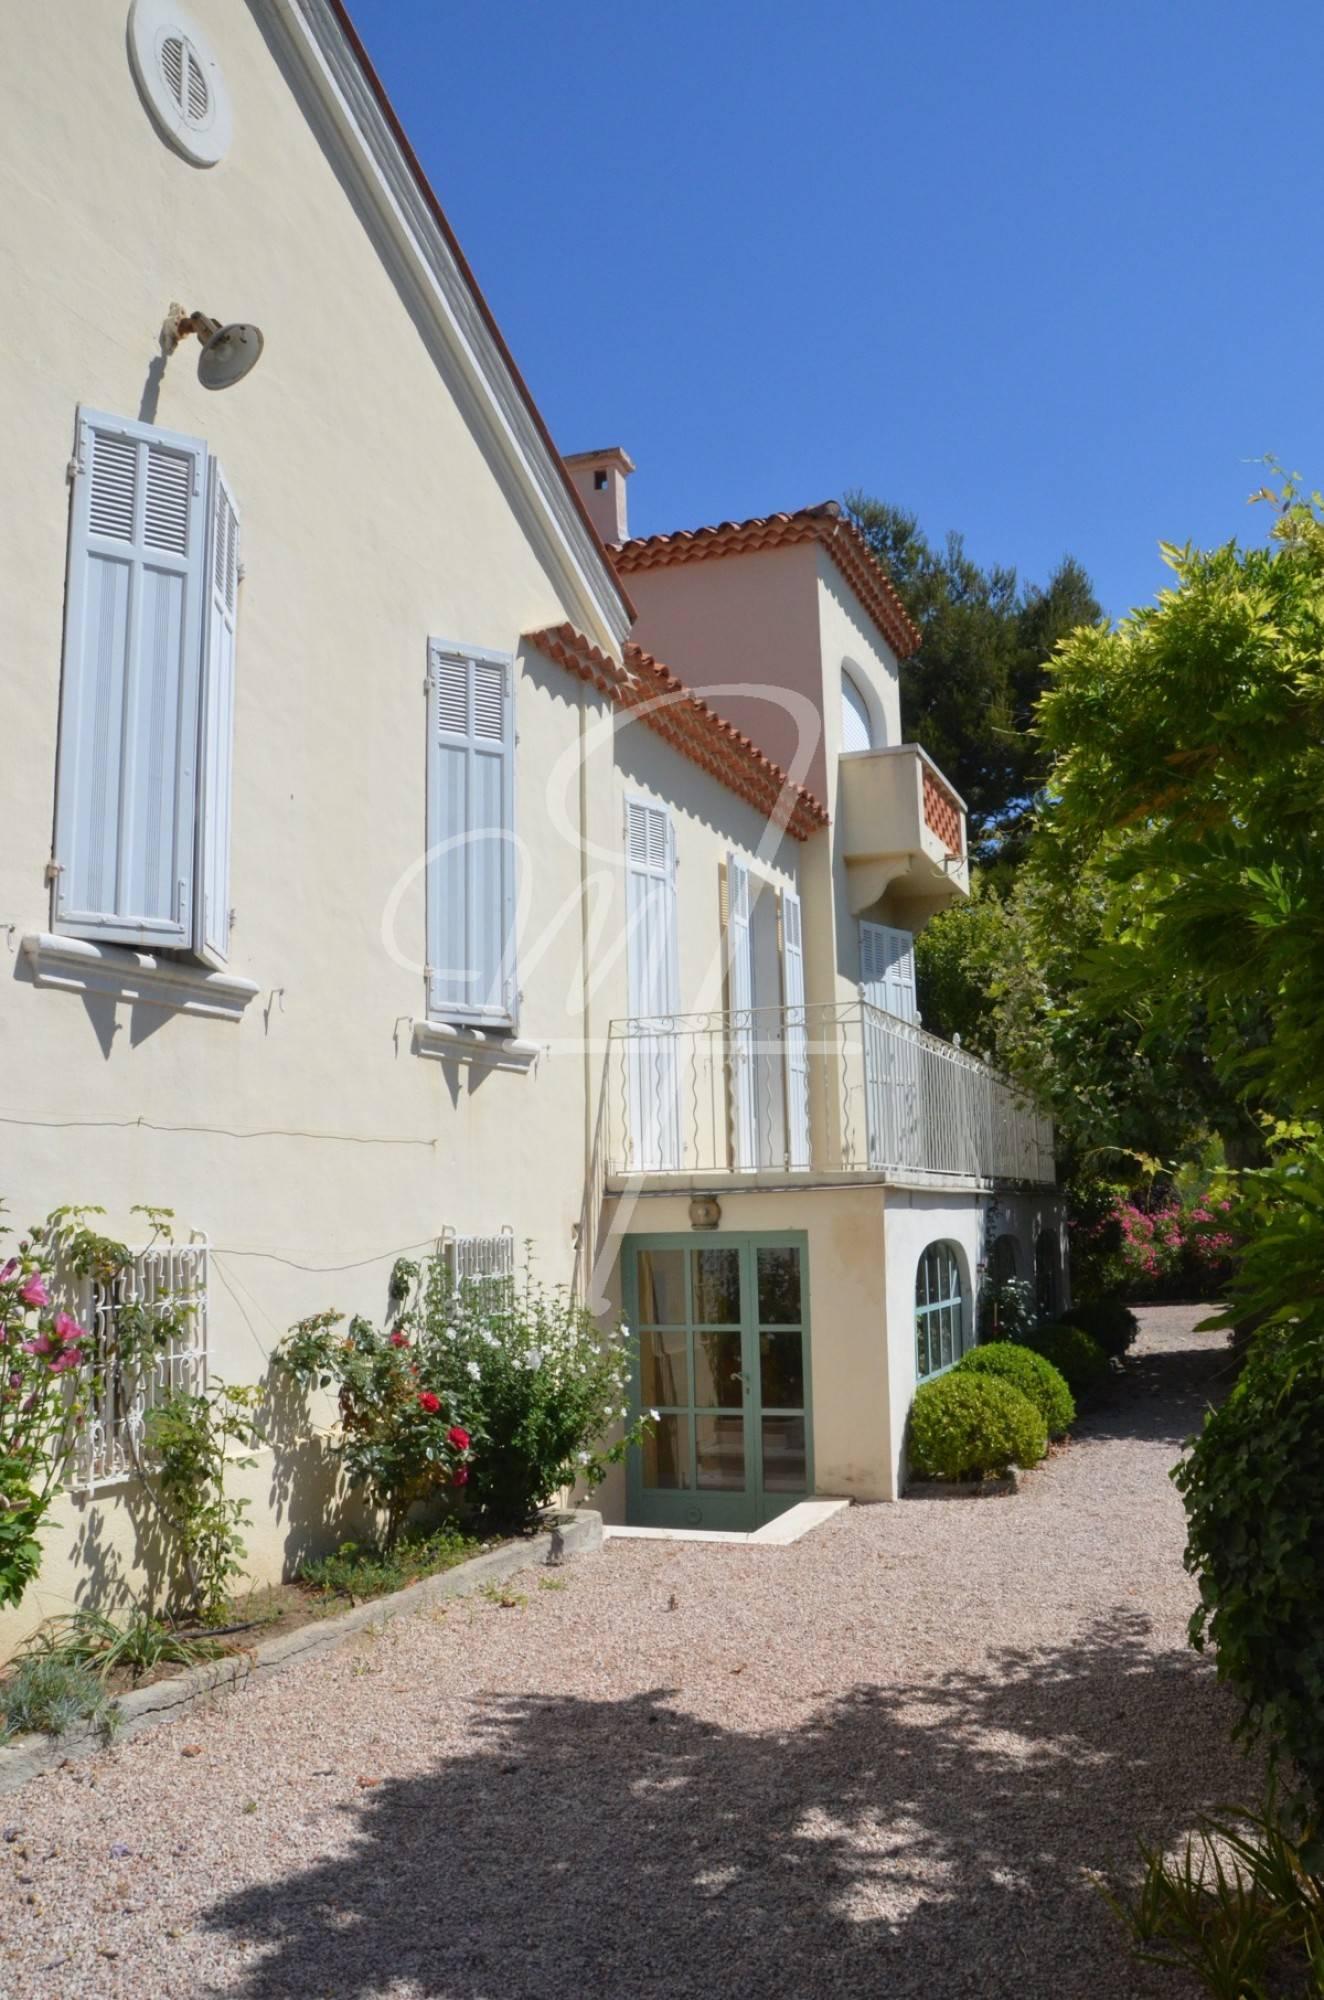 Ventes hotel particulier t7 f7 centre ville calme vue mer et cap canaille jardin et garage - Vente garage particulier ...